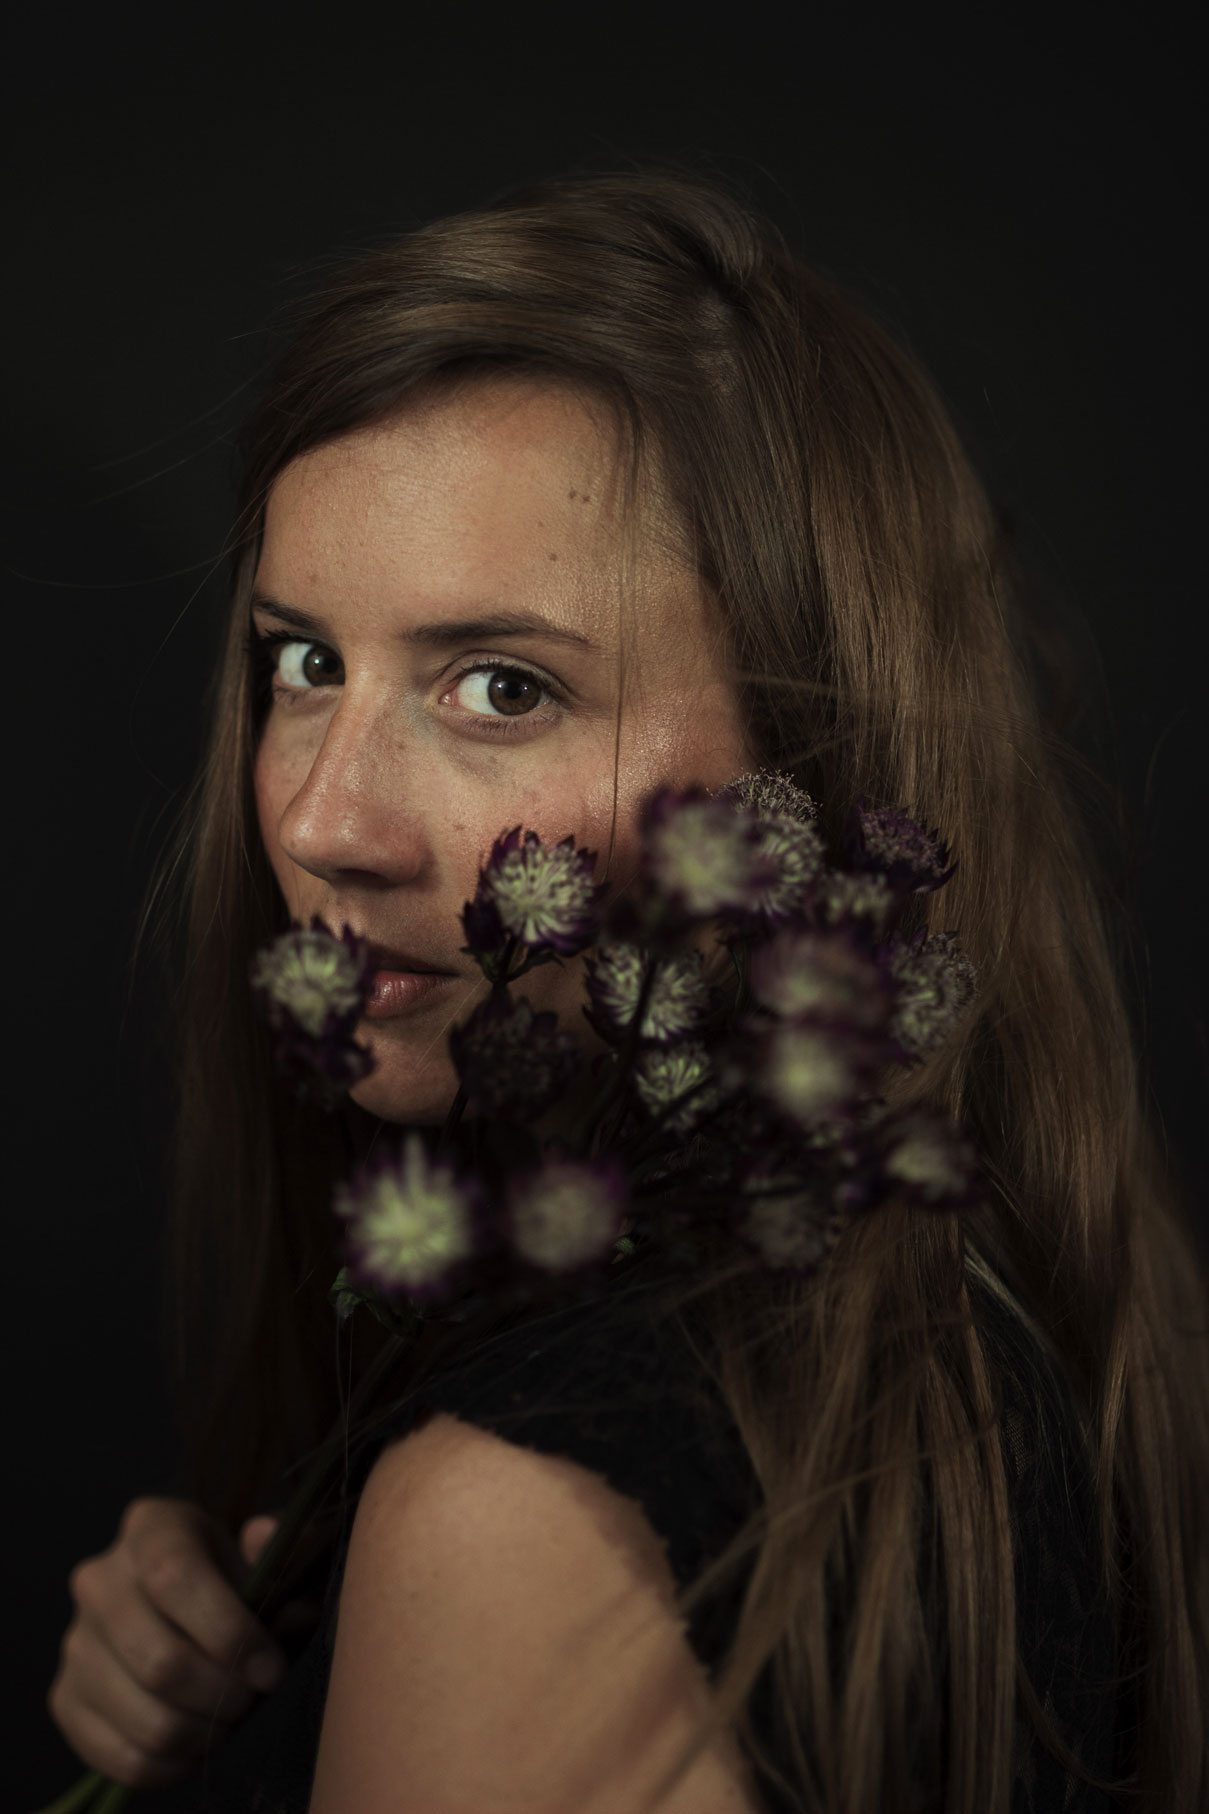 jeune femme au regard profond avec des fleurs de chardons.